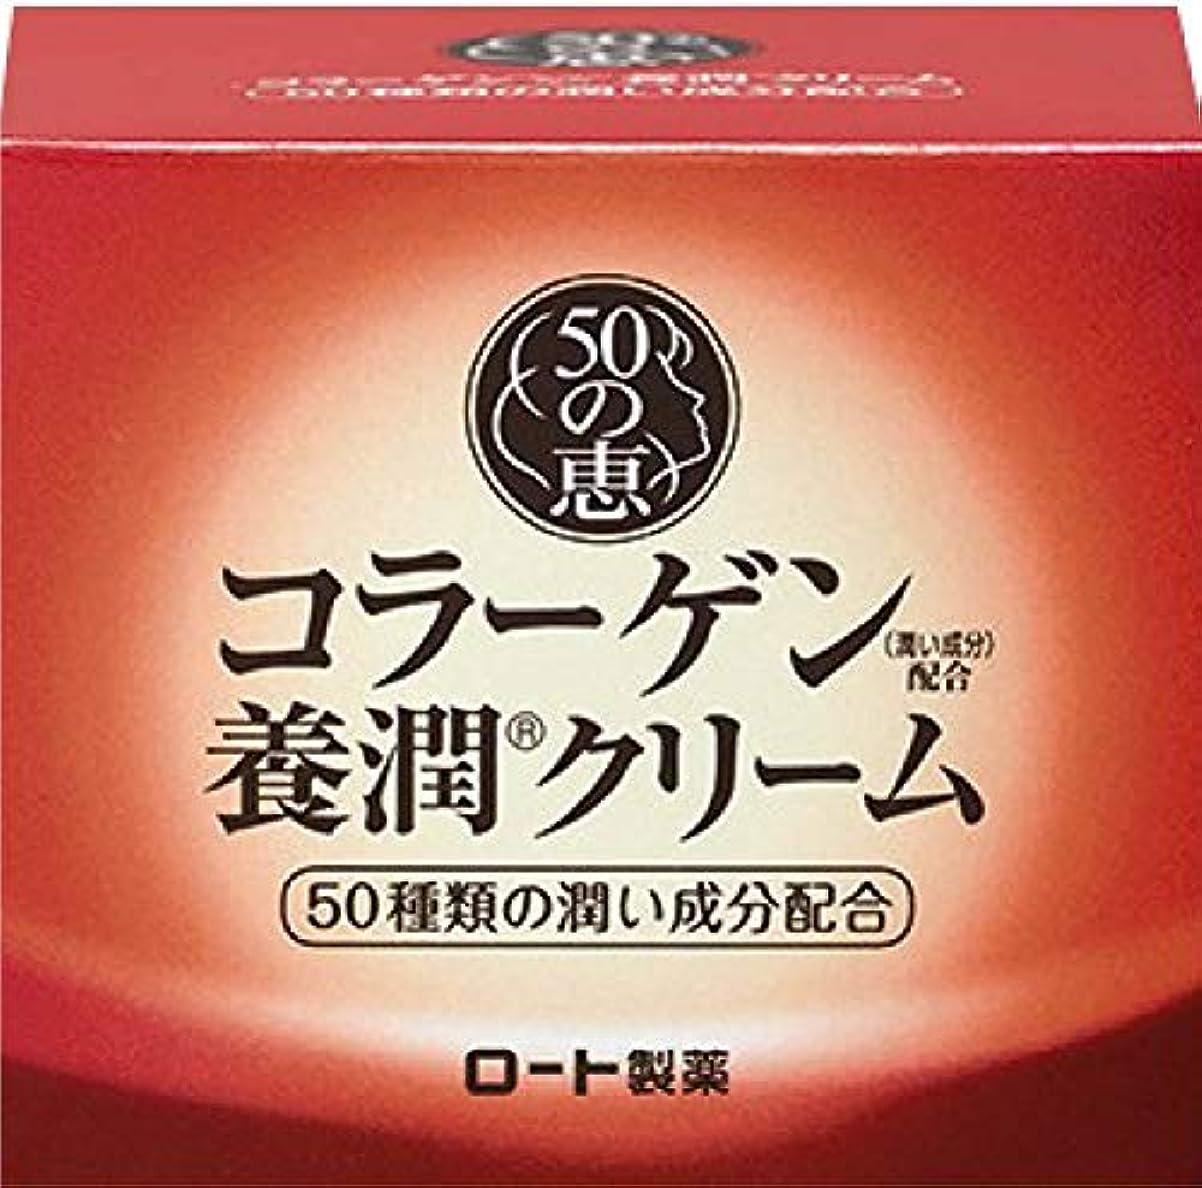 宿命容赦ない気晴らしロート製薬 50の恵エイジングケア 養潤成分50種類配合 クリーム 90g